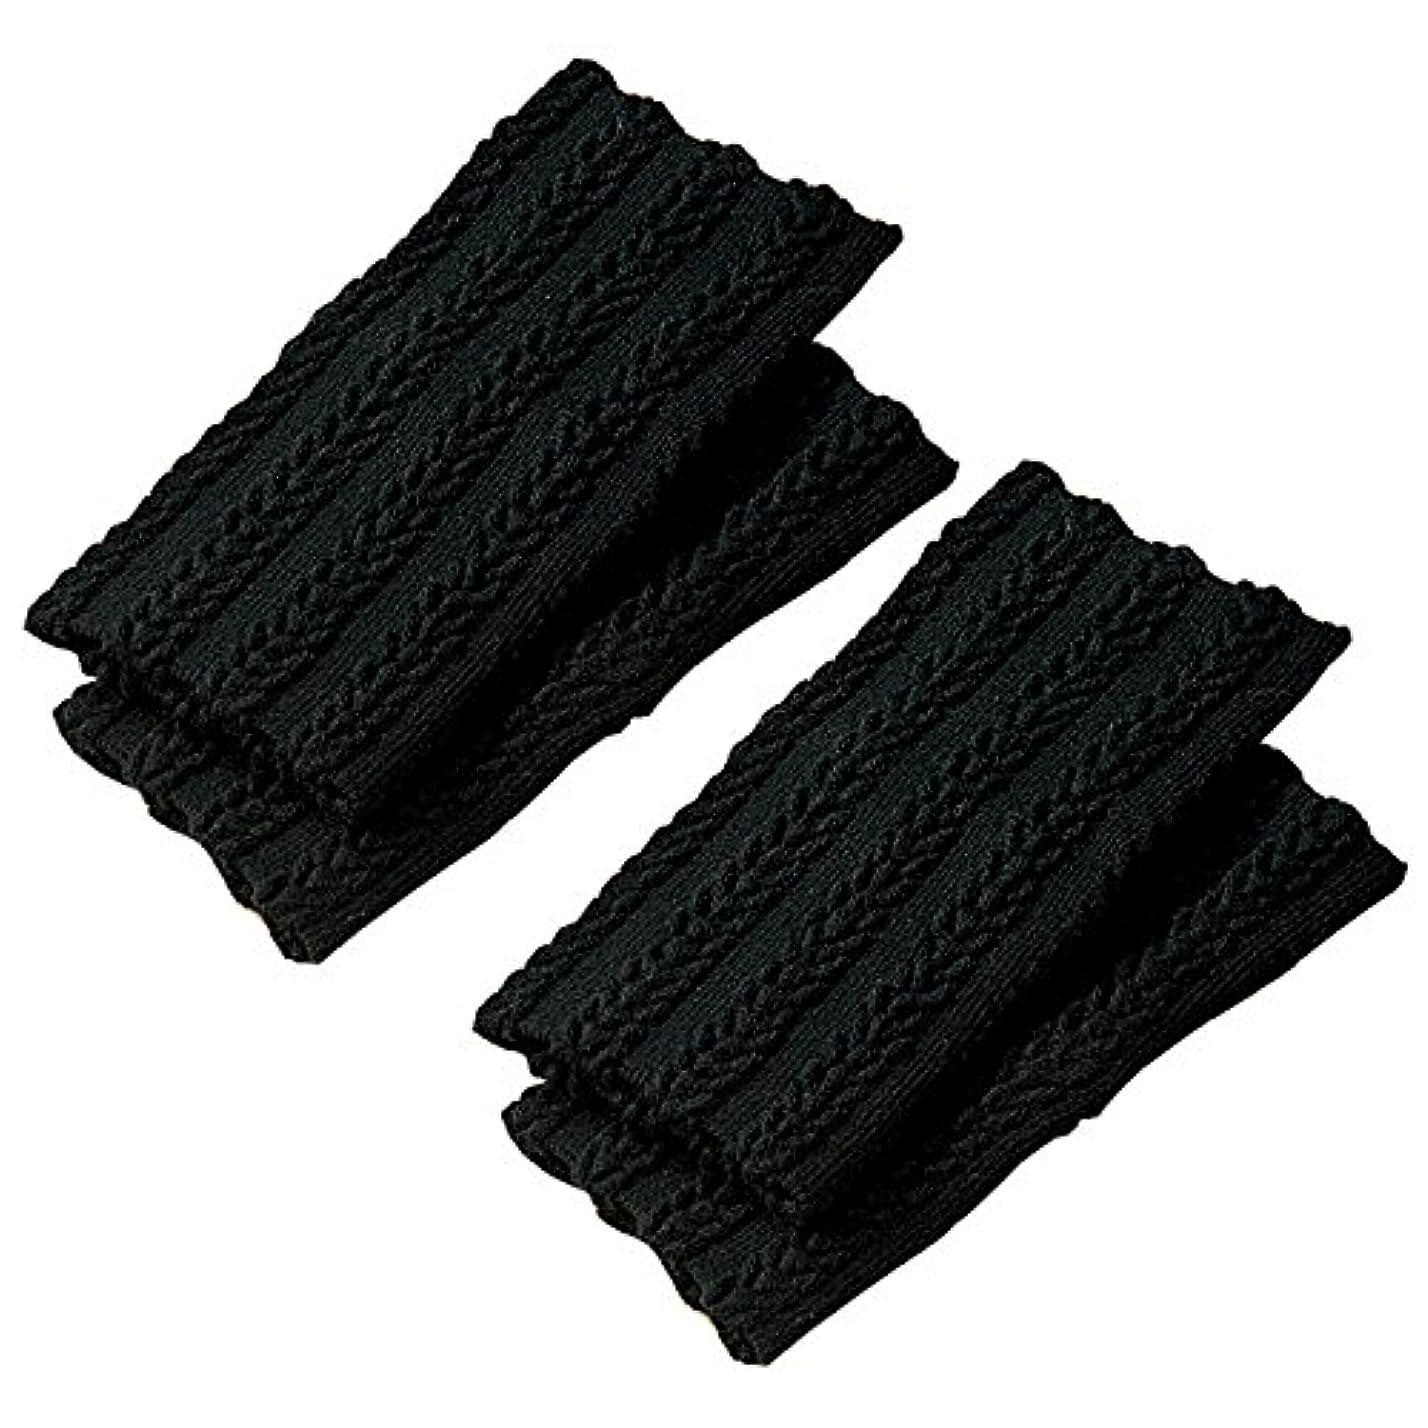 におい輸送険しいセルヴァン 遠赤シルク足首ウォーマー(セラムA) ブラック 4枚組